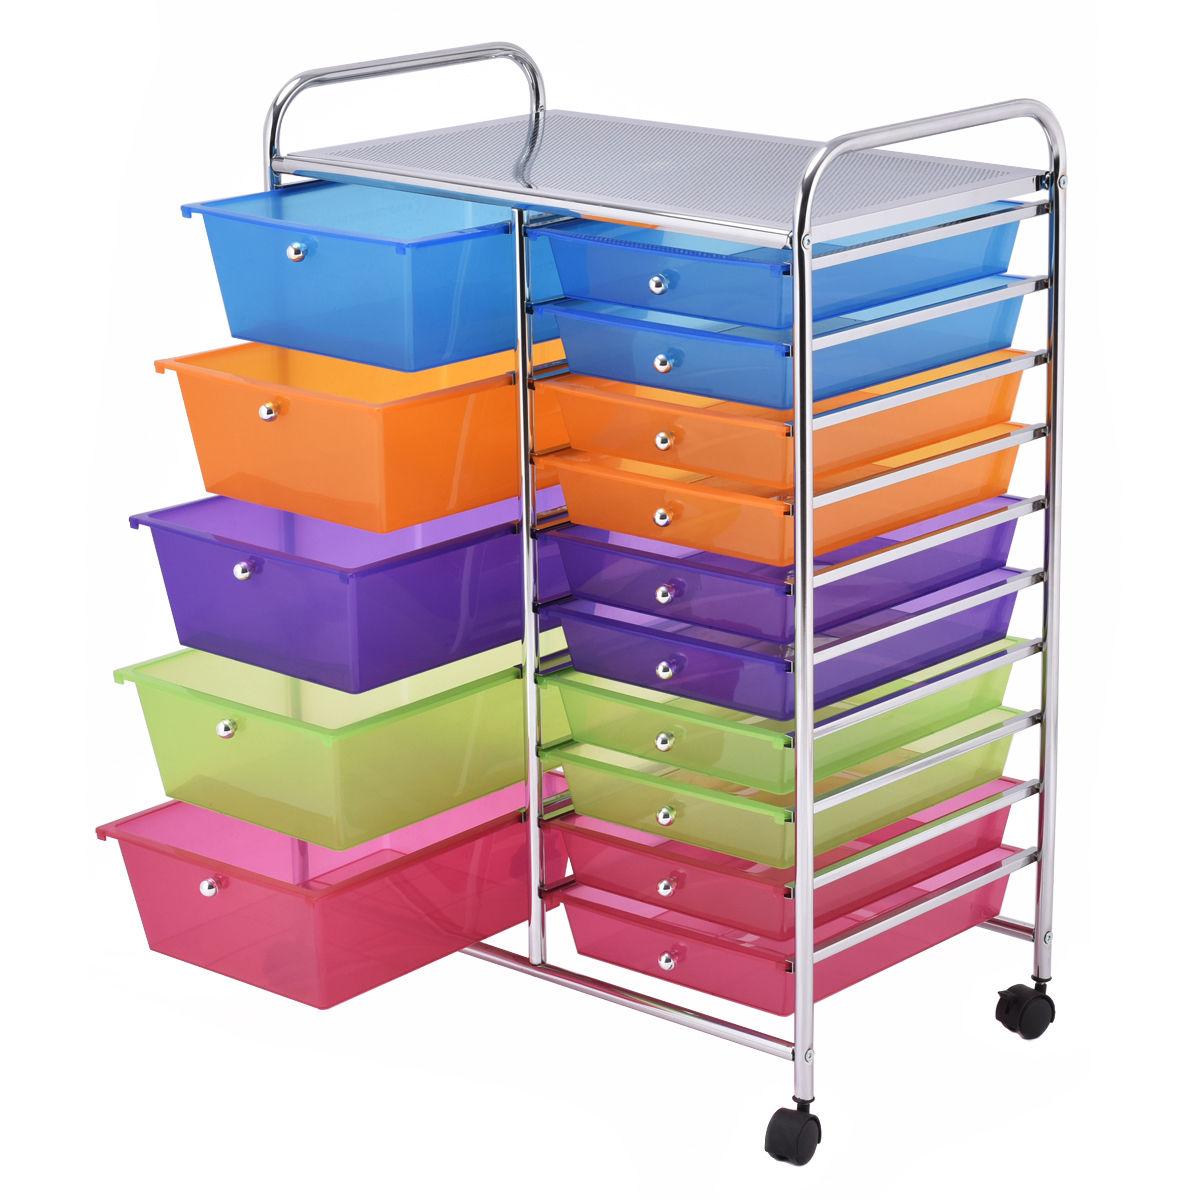 gymax chariot de rangement avec 15 tiroirs tour de rangement desserte a roulettes pour salle de bain maison bureau 63 x 37 x 87 cm